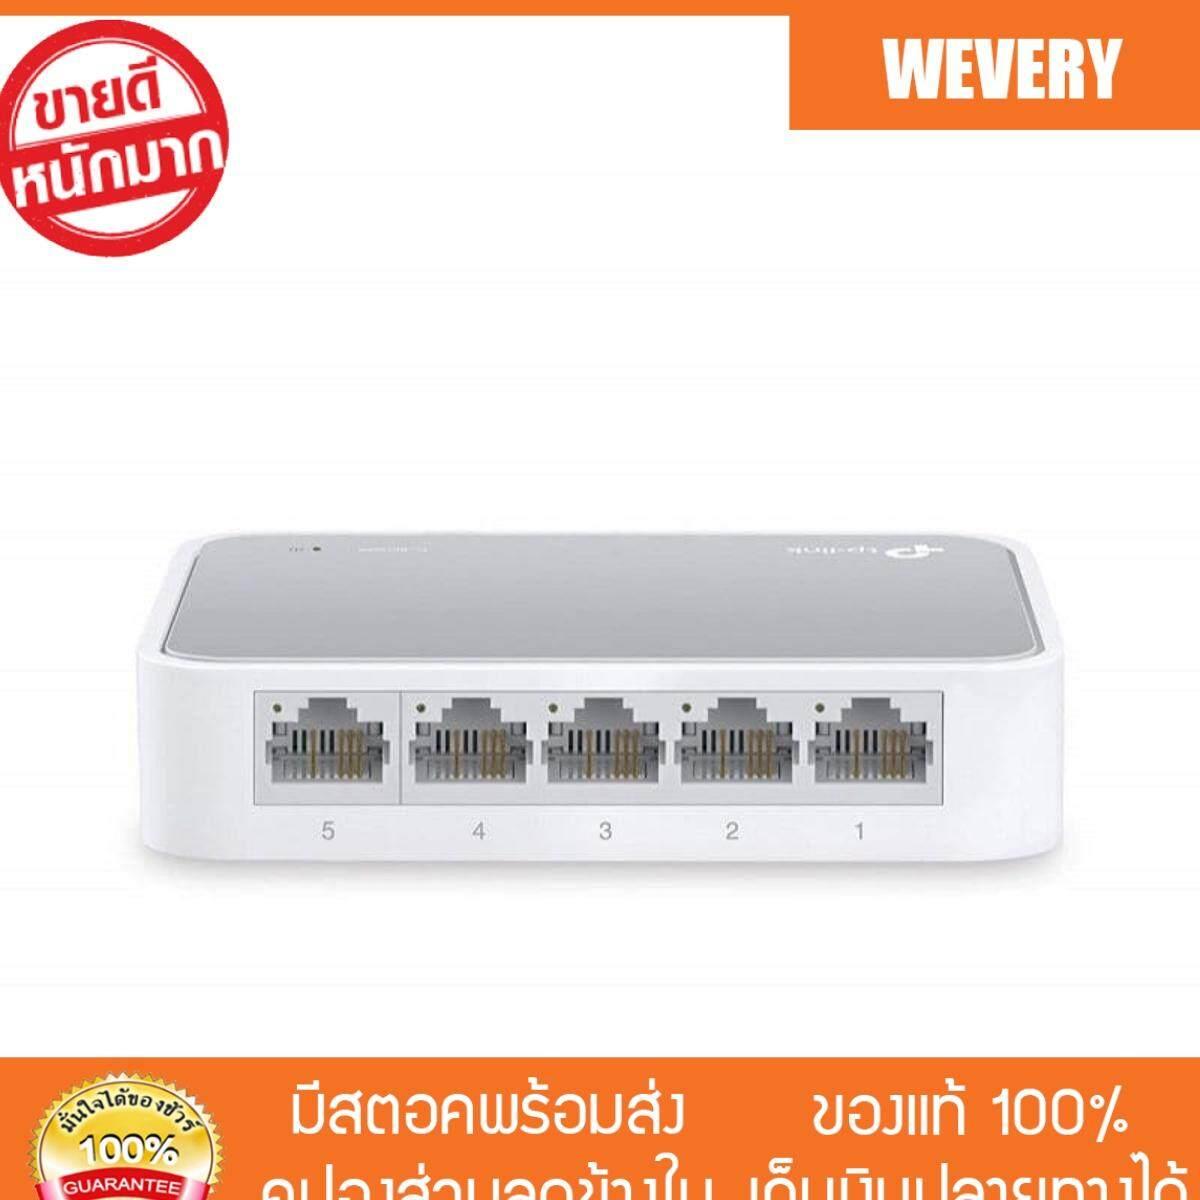 ลดสุดๆ [Wevery] สวิตซ์ฮับ TP-Link รุ่น TL-SF1005D 5-port 10/100M mini Desktop Switch hub switch ส่ง Kerry เก็บปลายทางได้